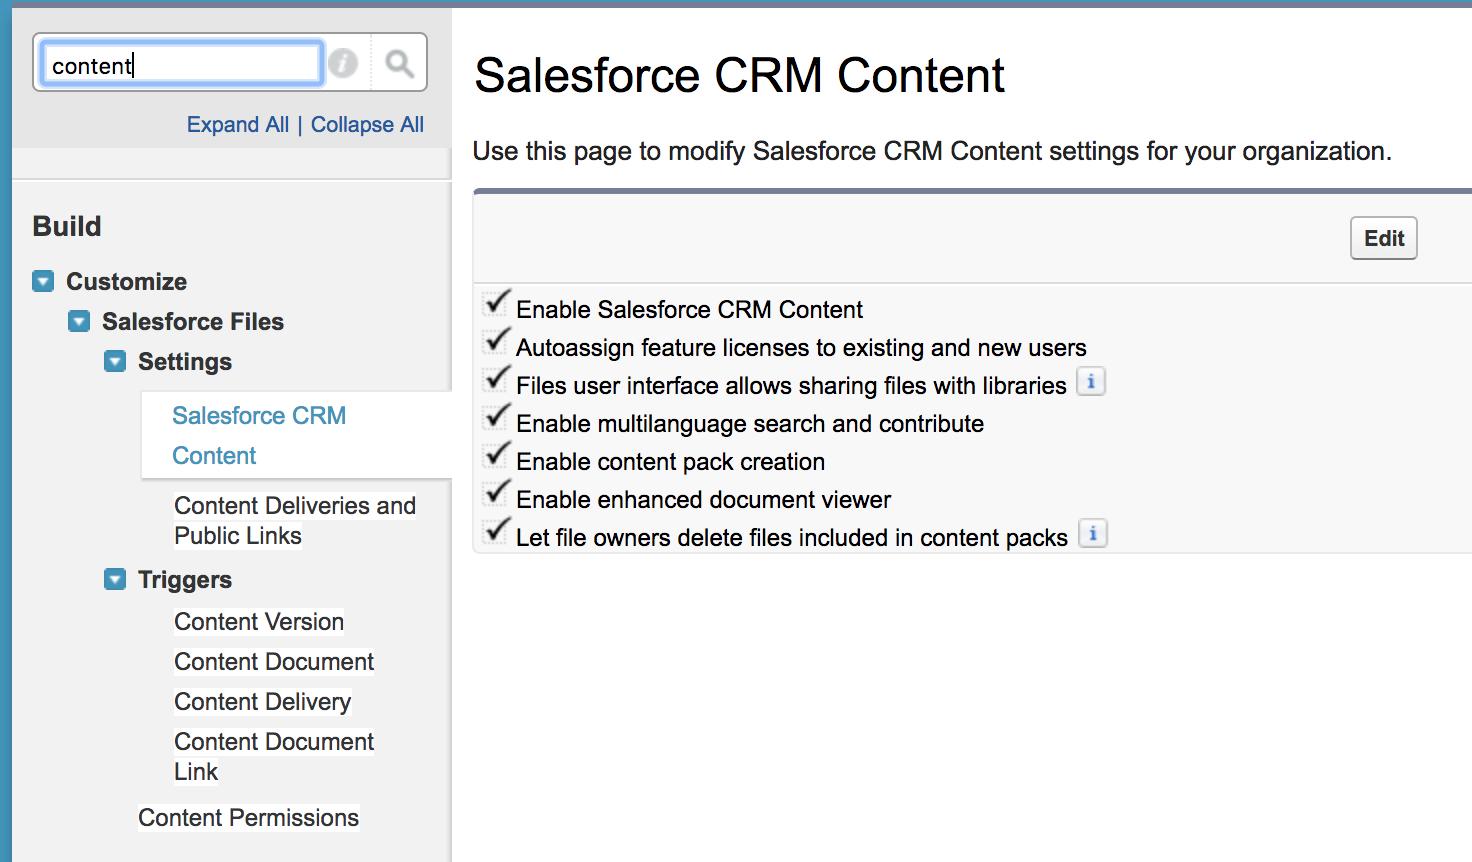 enable salesforce crm content